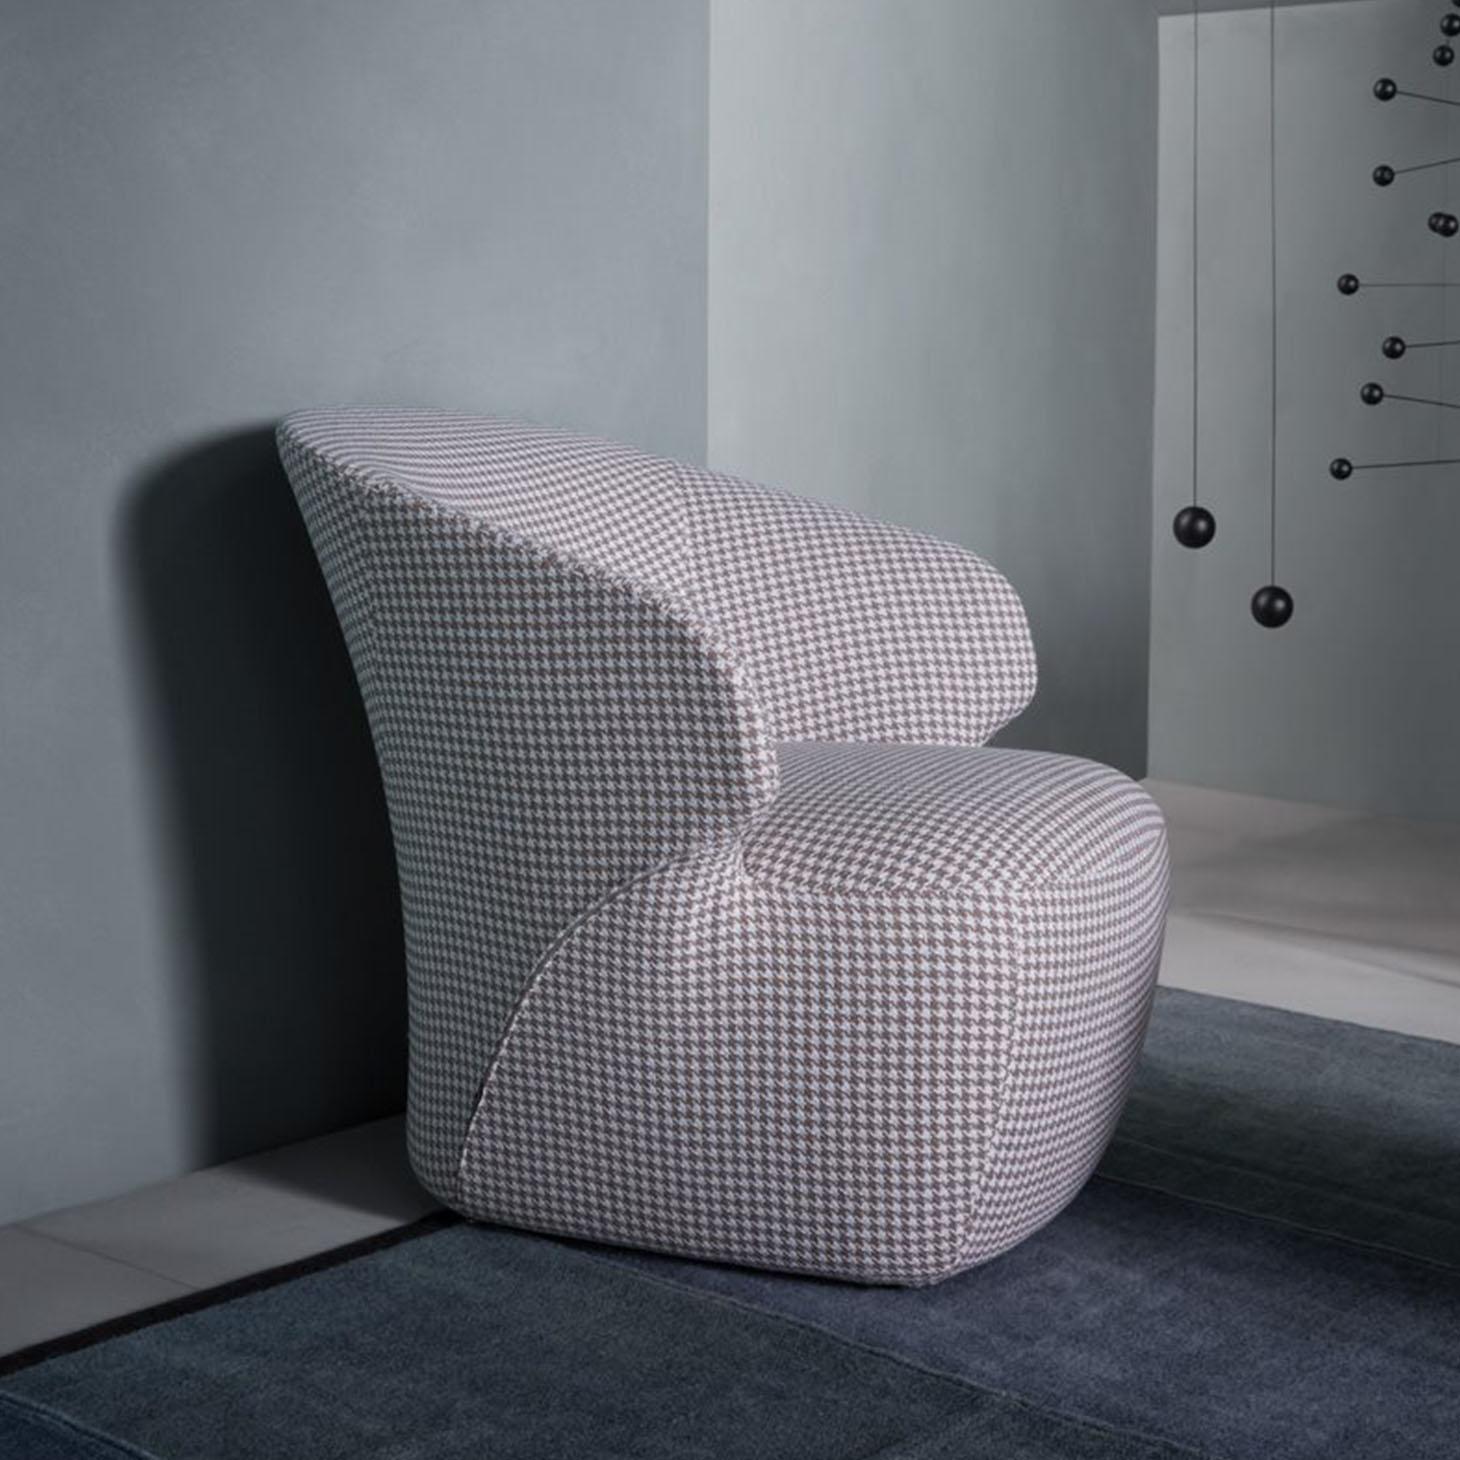 Arom Lounge Chair